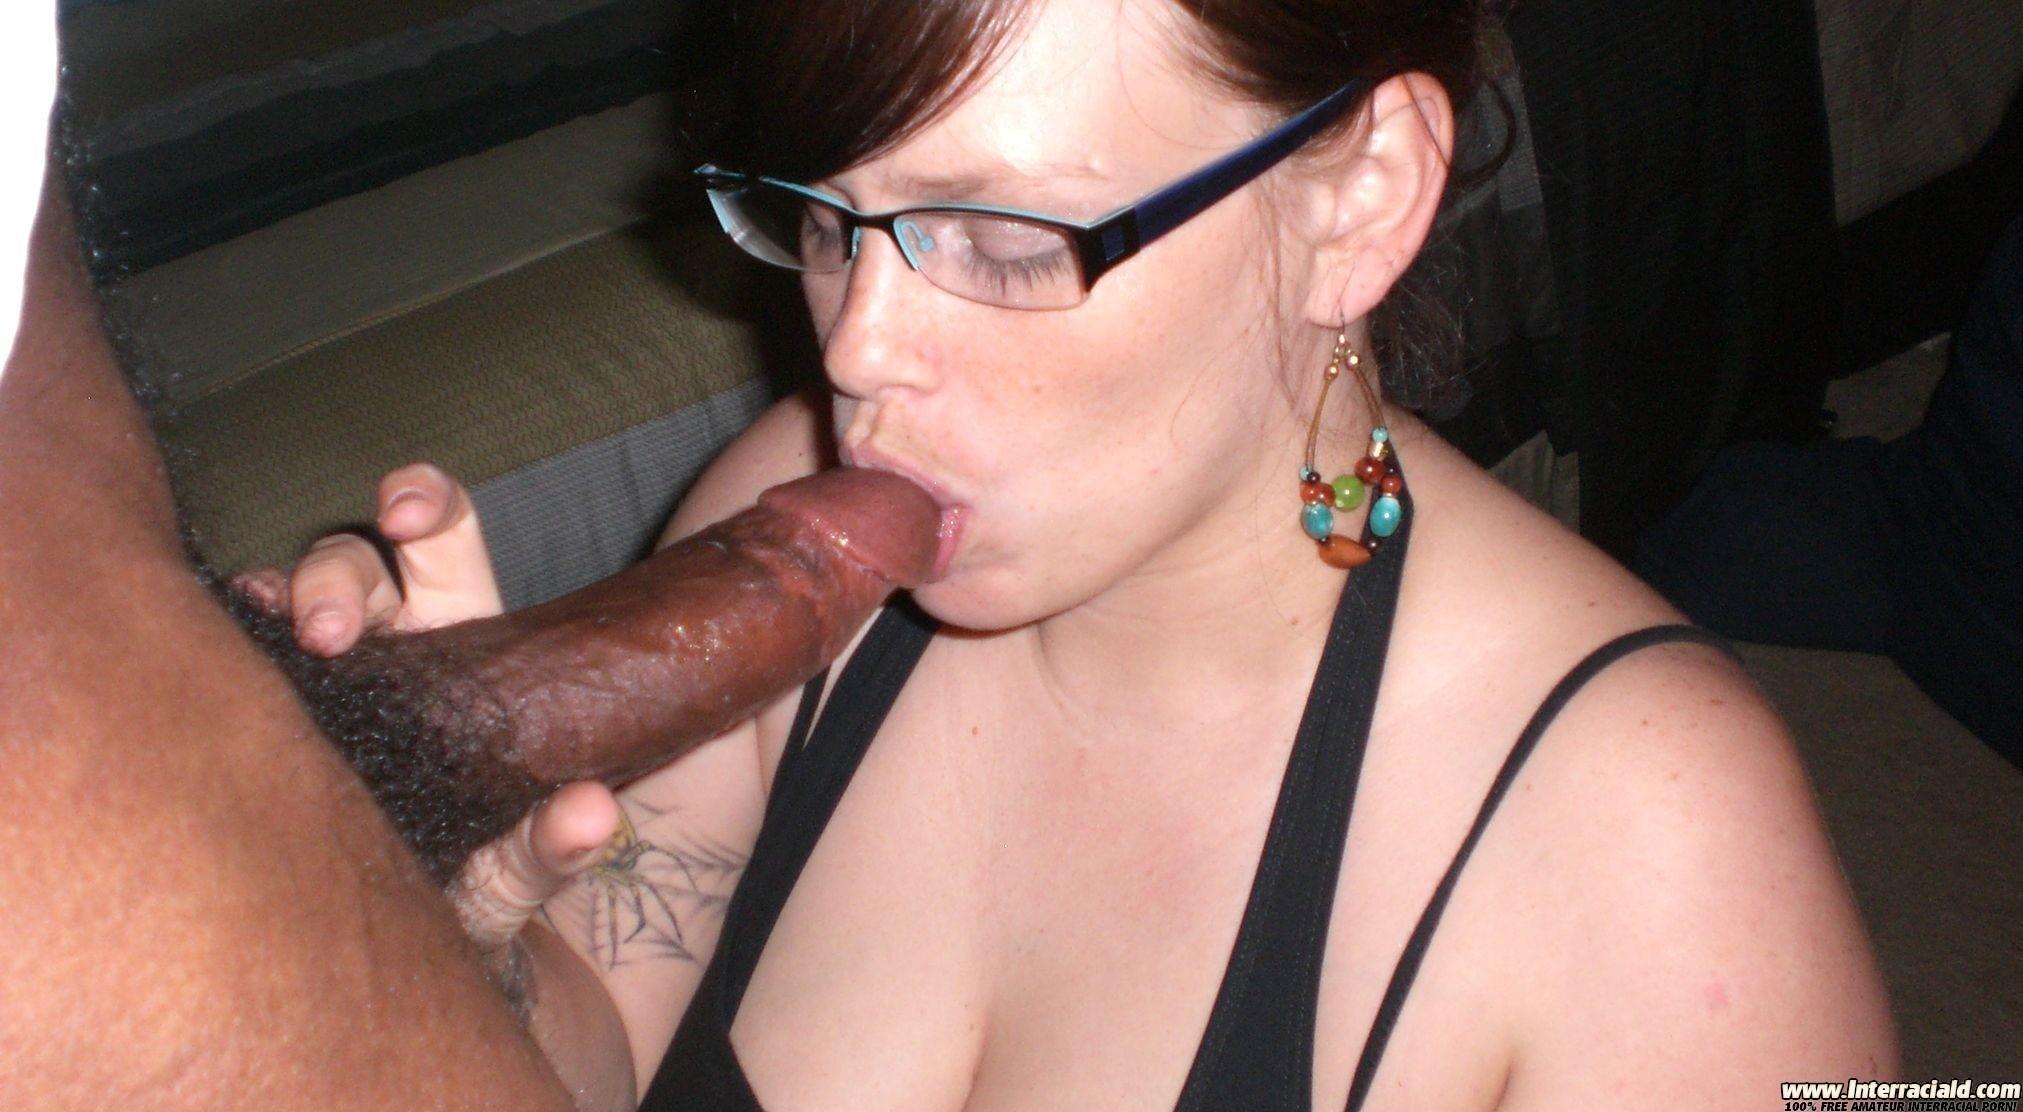 Wife tied up bondage photos